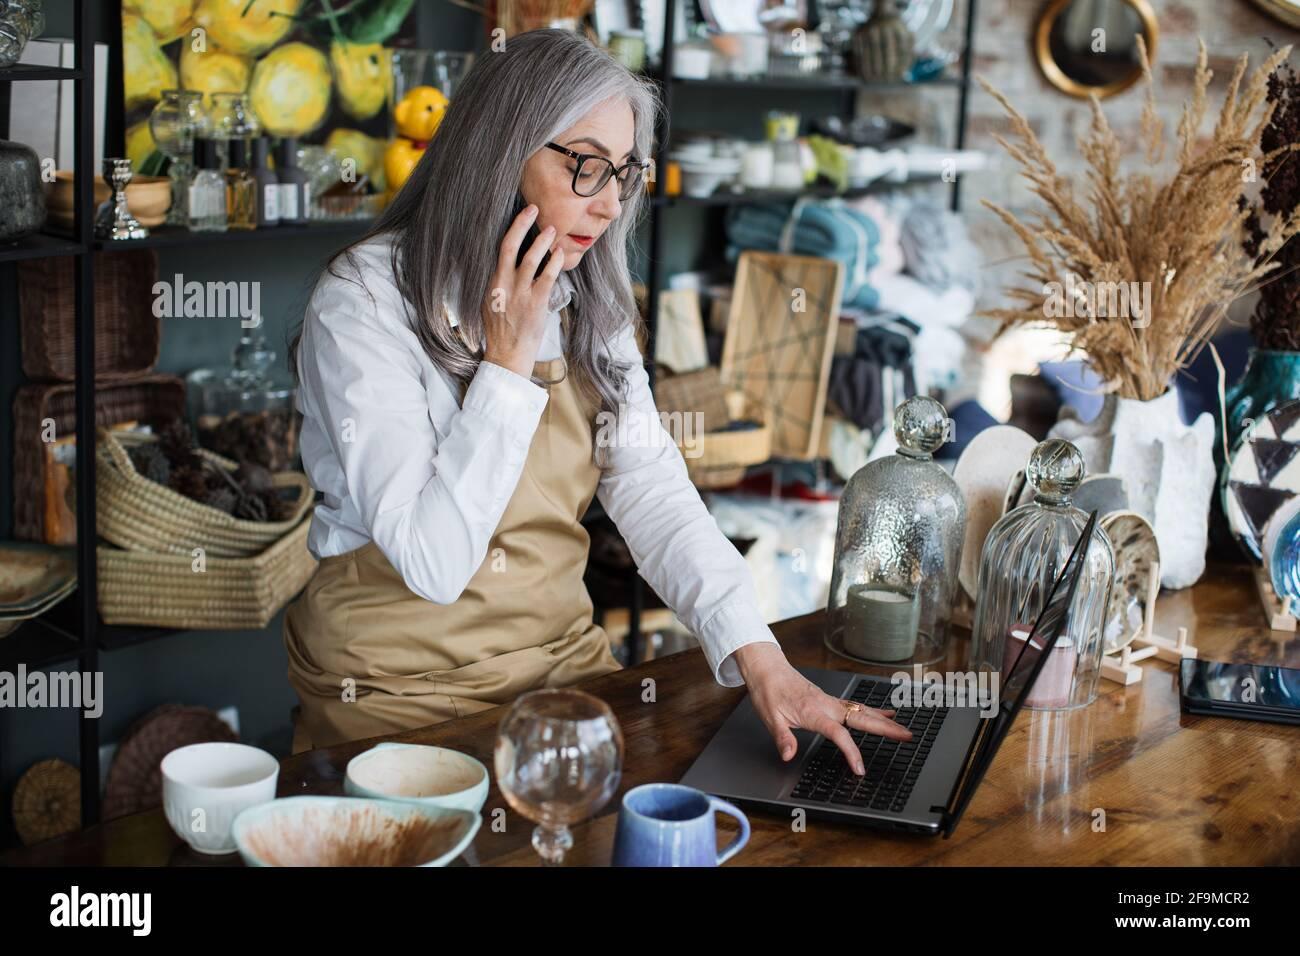 Venditore professionista con capelli grigi seduto al negozio di arredamento con un portatile aperto e parlare sul cellulare. Donna anziana che usa moderni gadget al lavoro. Foto Stock